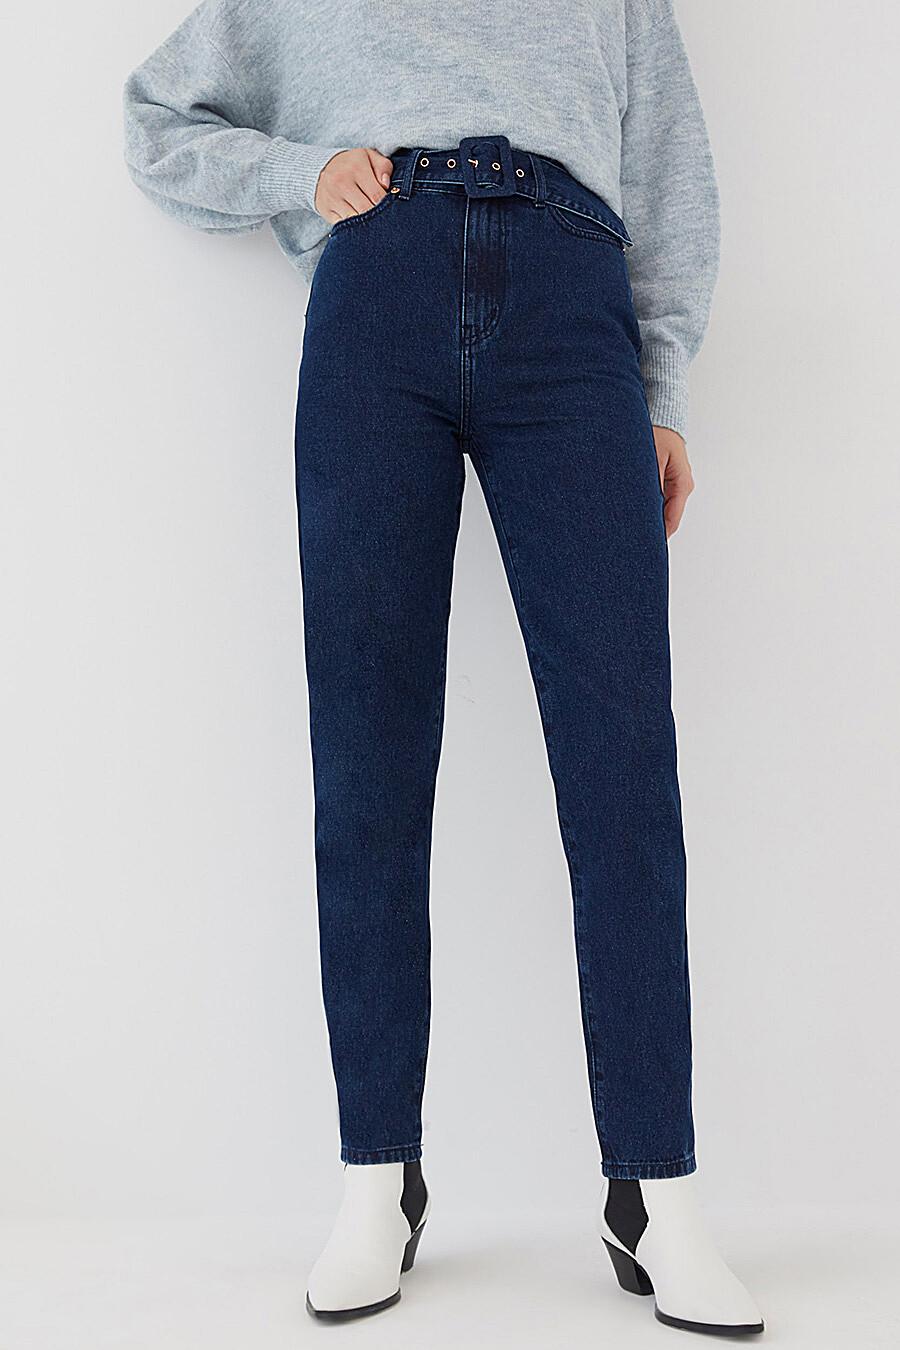 Джинсы для женщин ZARINA 261133 купить оптом от производителя. Совместная покупка женской одежды в OptMoyo